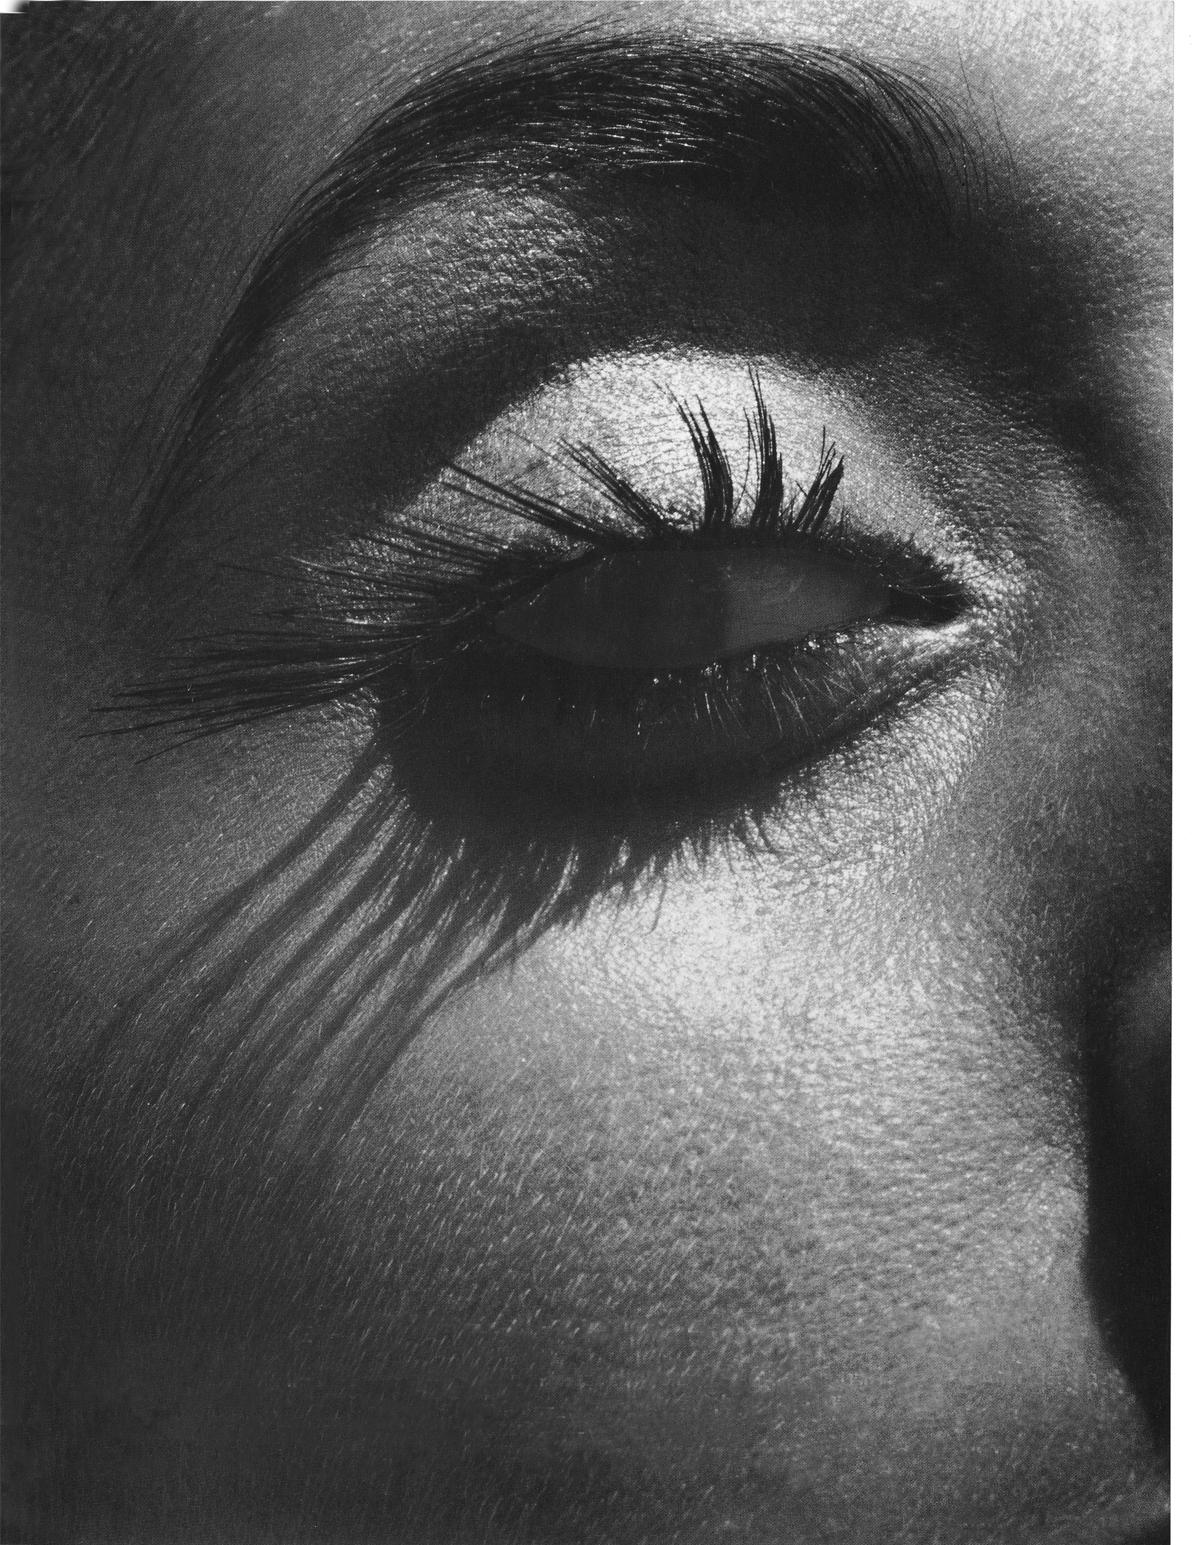 eye1-web.jpg